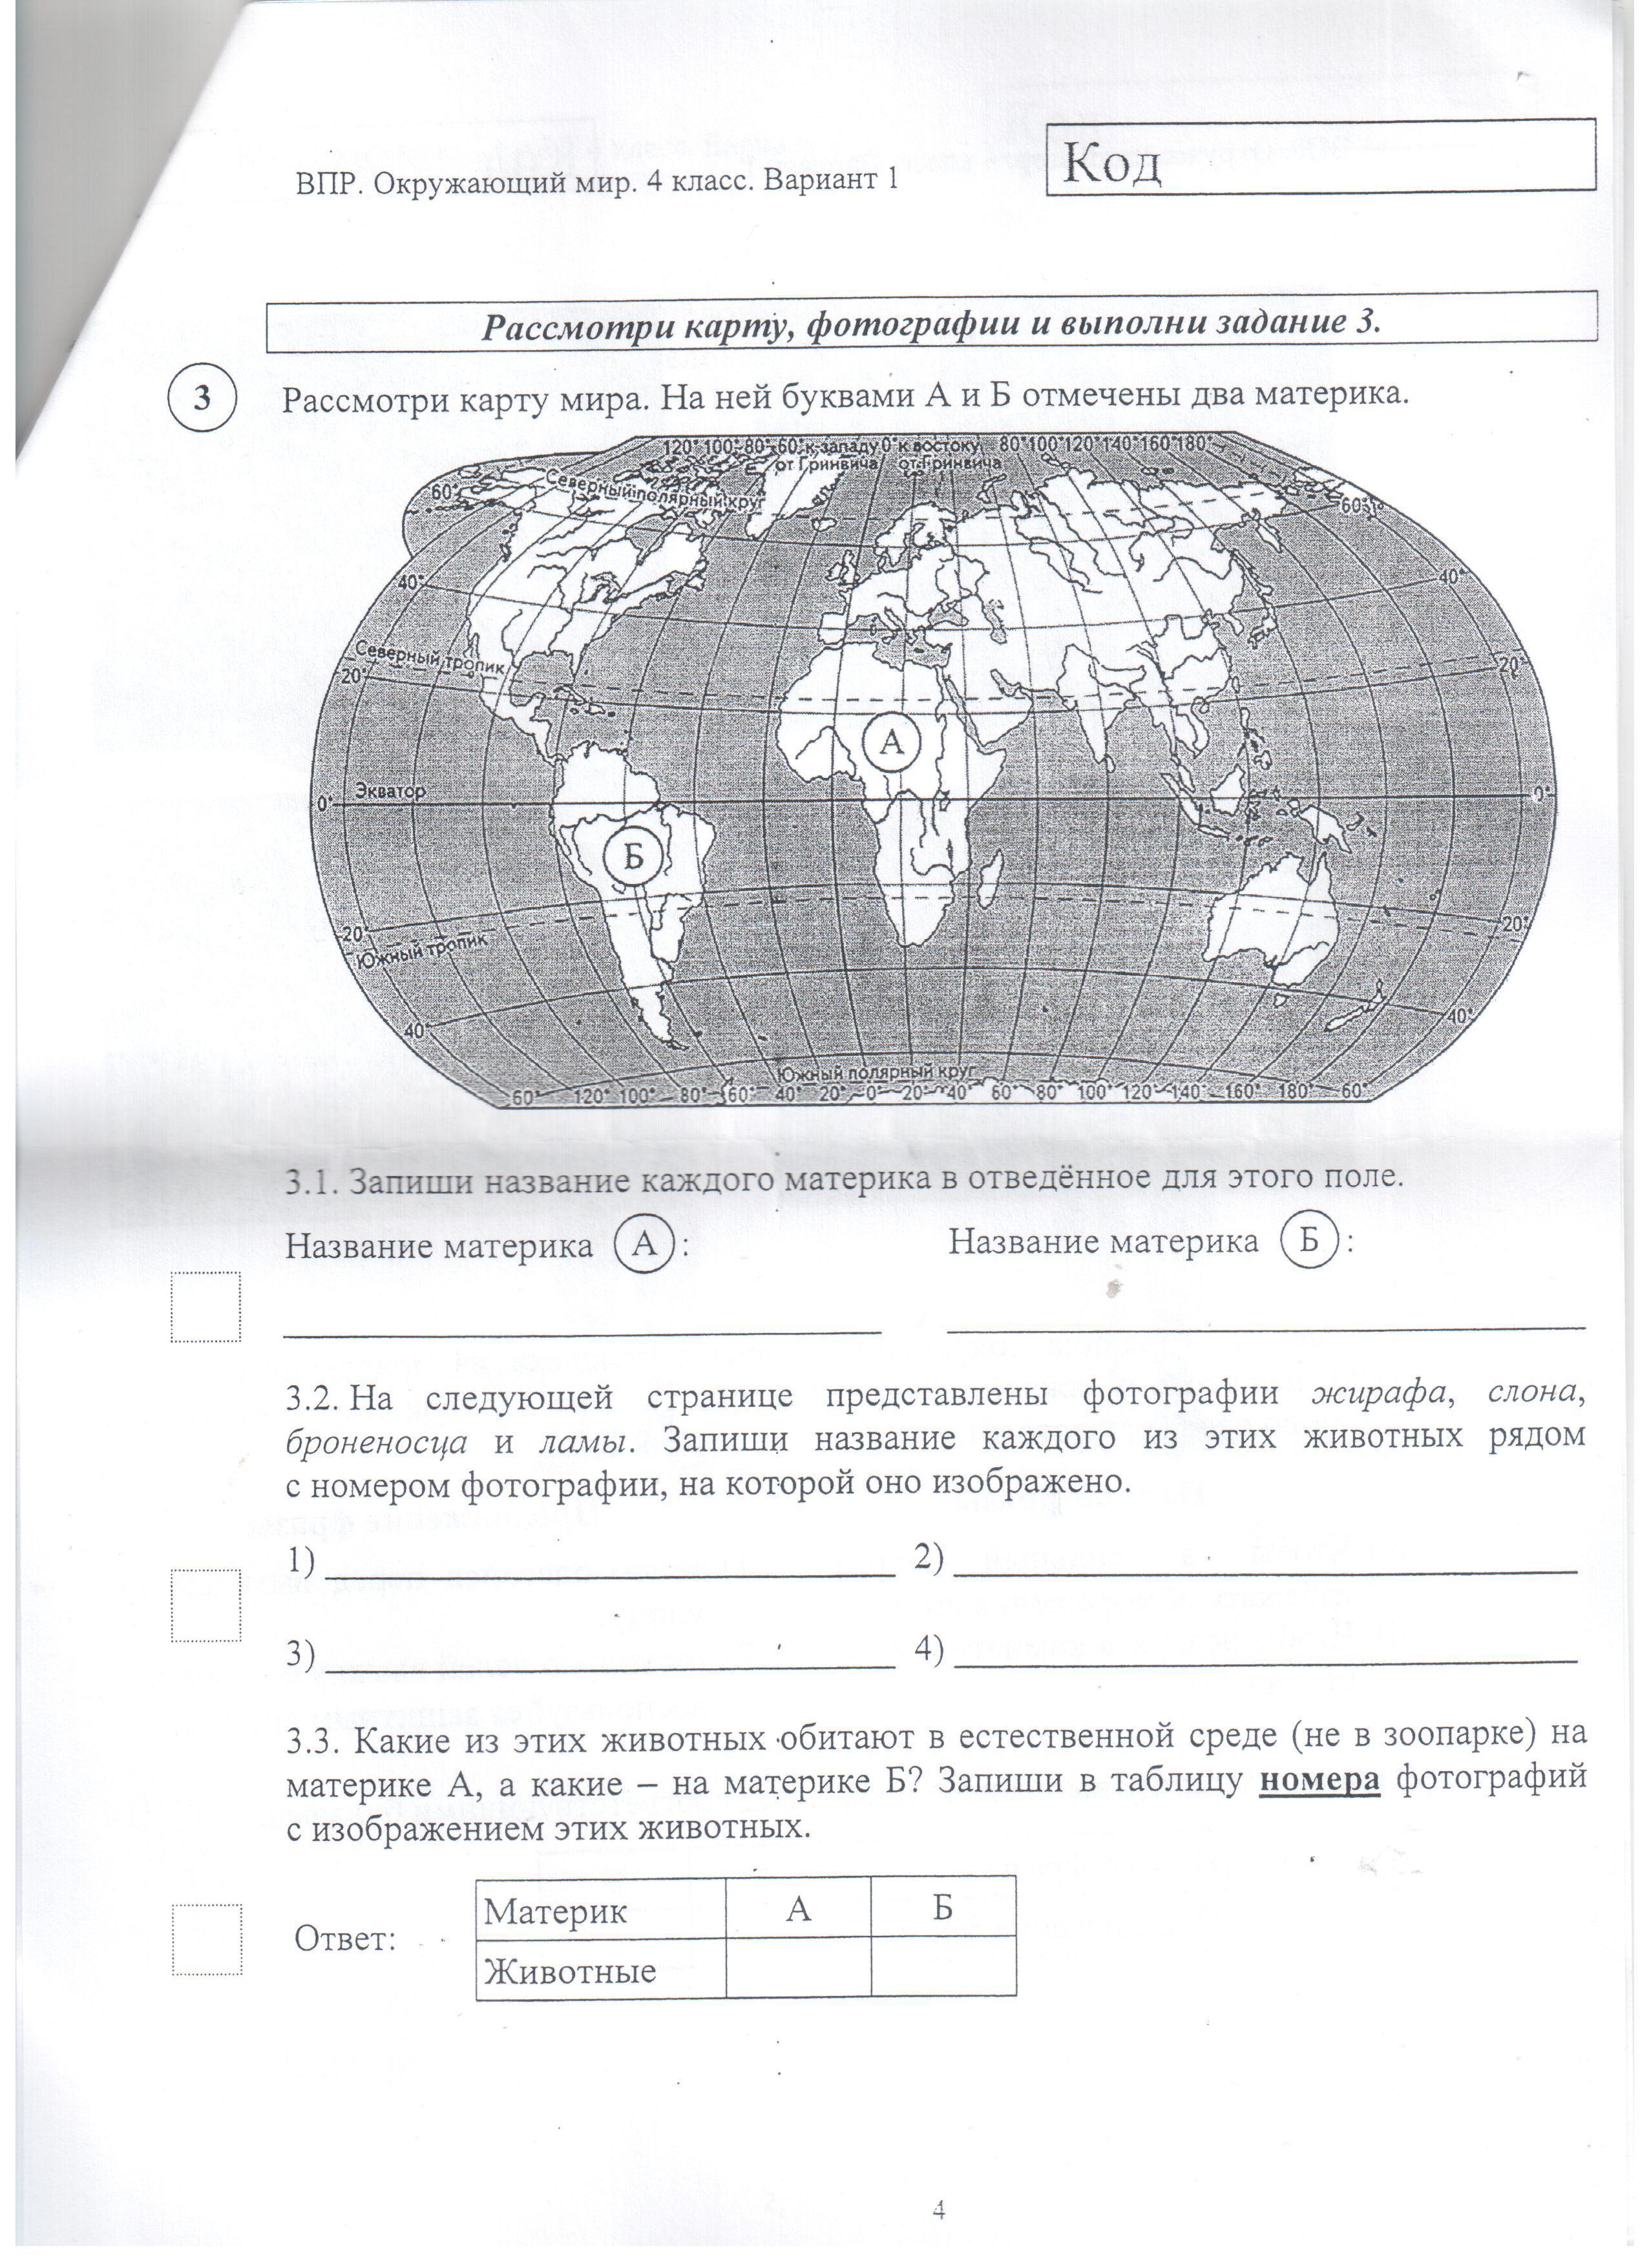 80 процентов площади материка занимают две страны